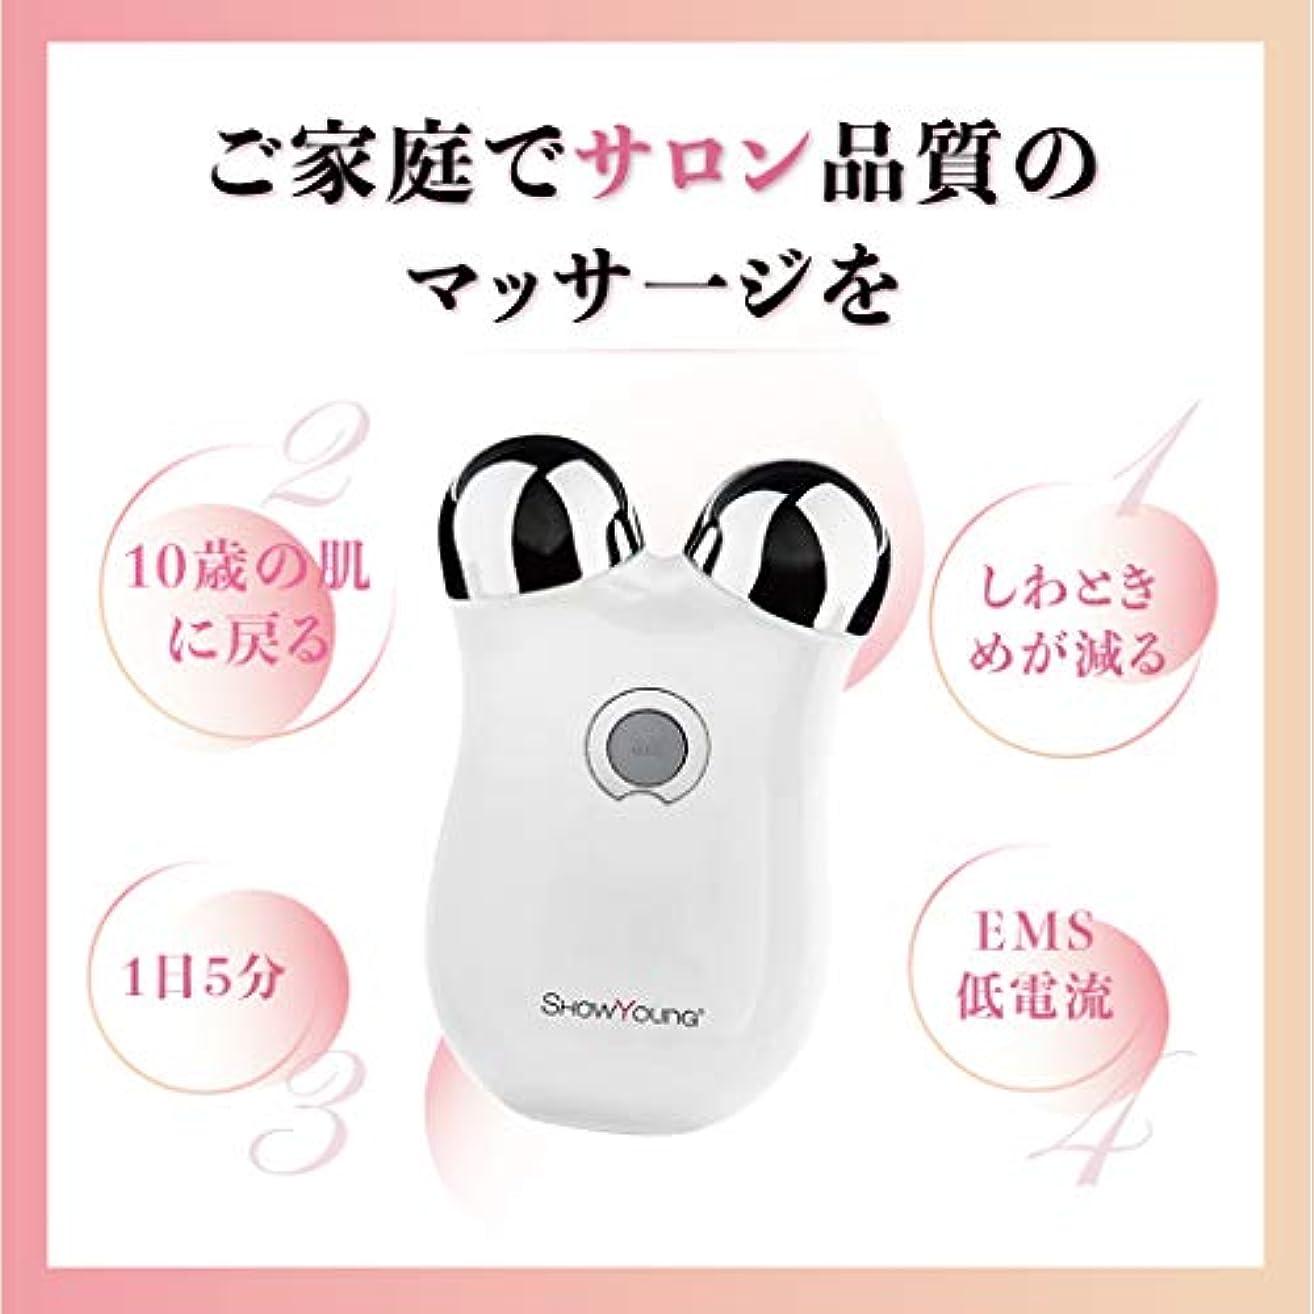 伝導率構造密Showyoung 微小電流ミニ顔マッサージ器、顔の調色装置、しわと細紋の減少、皮膚、リンパのマッサージ、調整の質、2年の品質の保証に用いる。